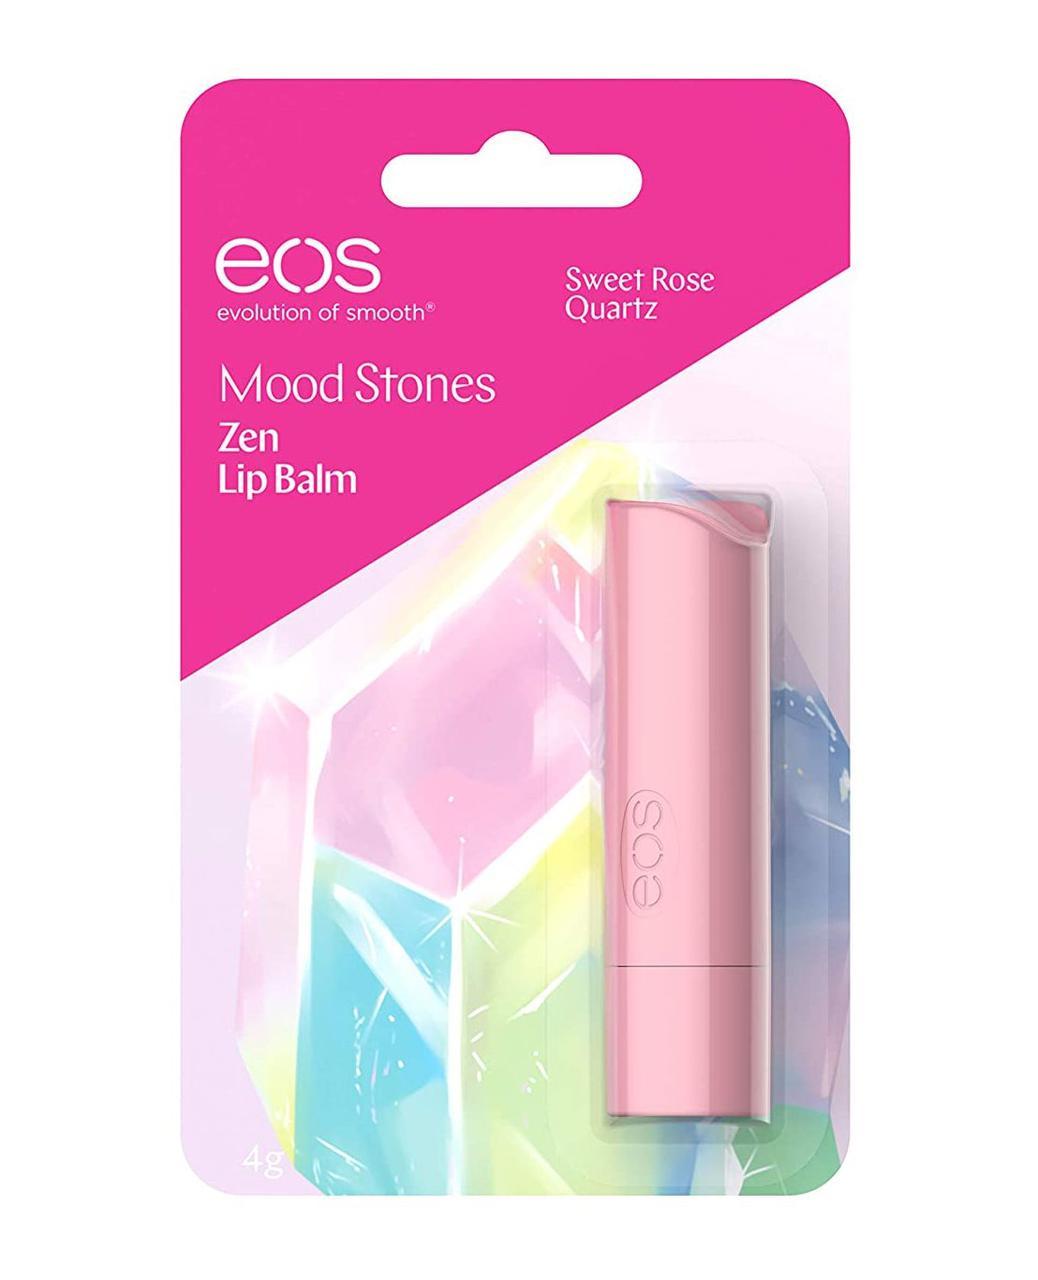 Eos Mood stones Sweet Rose Quartz Бальзам-стик для губ 4г